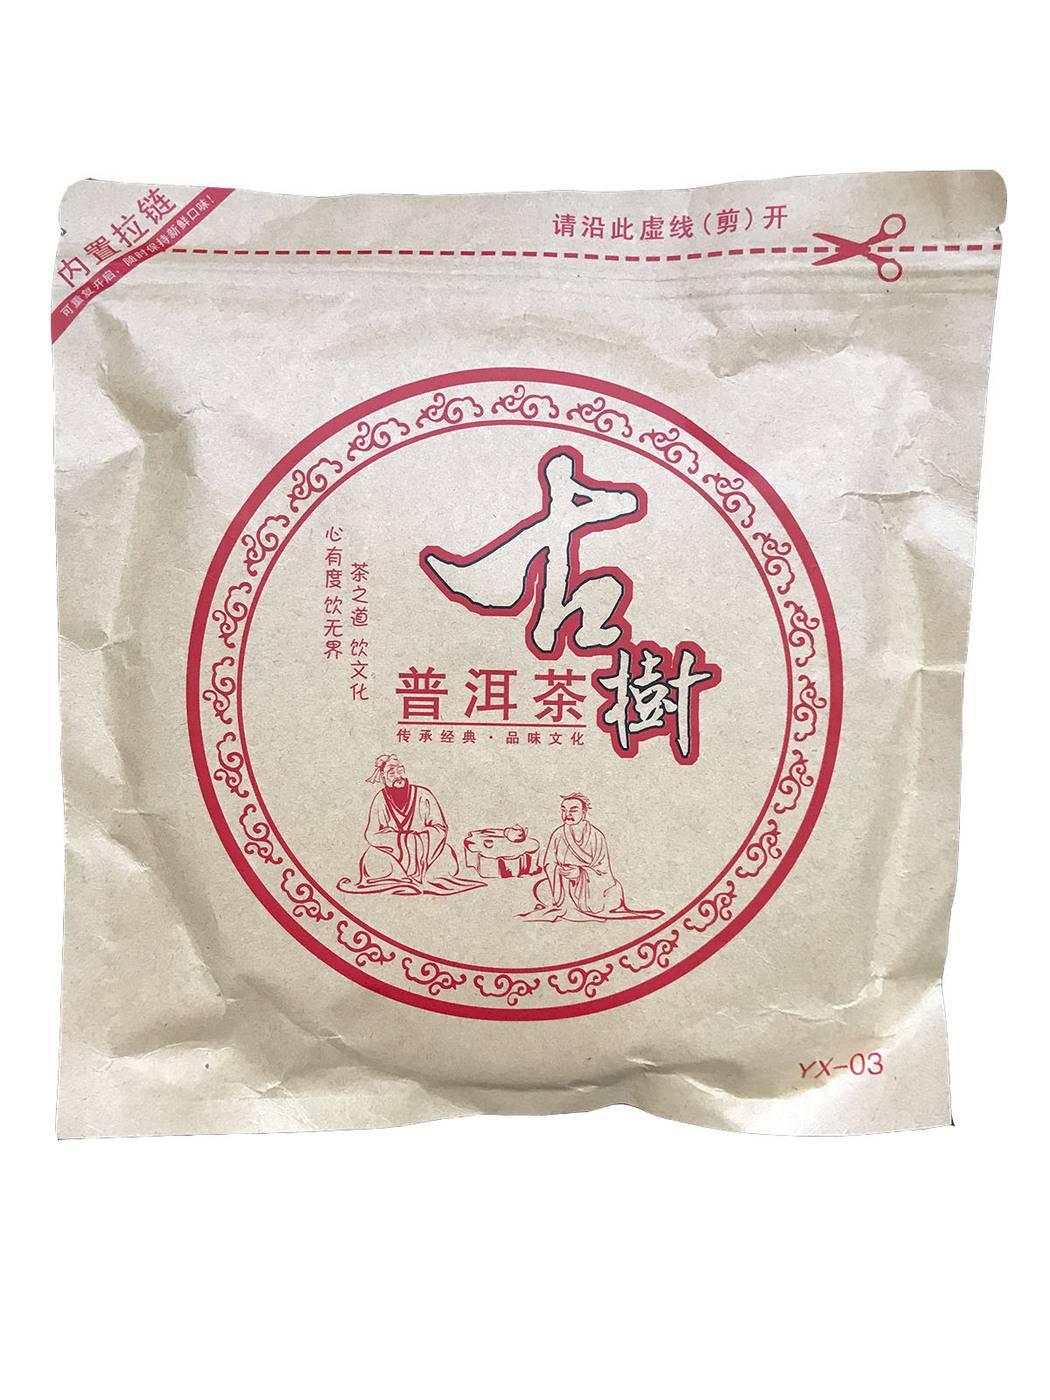 Как правильно заваривать чай пуэр, свойства китайского чая, видео